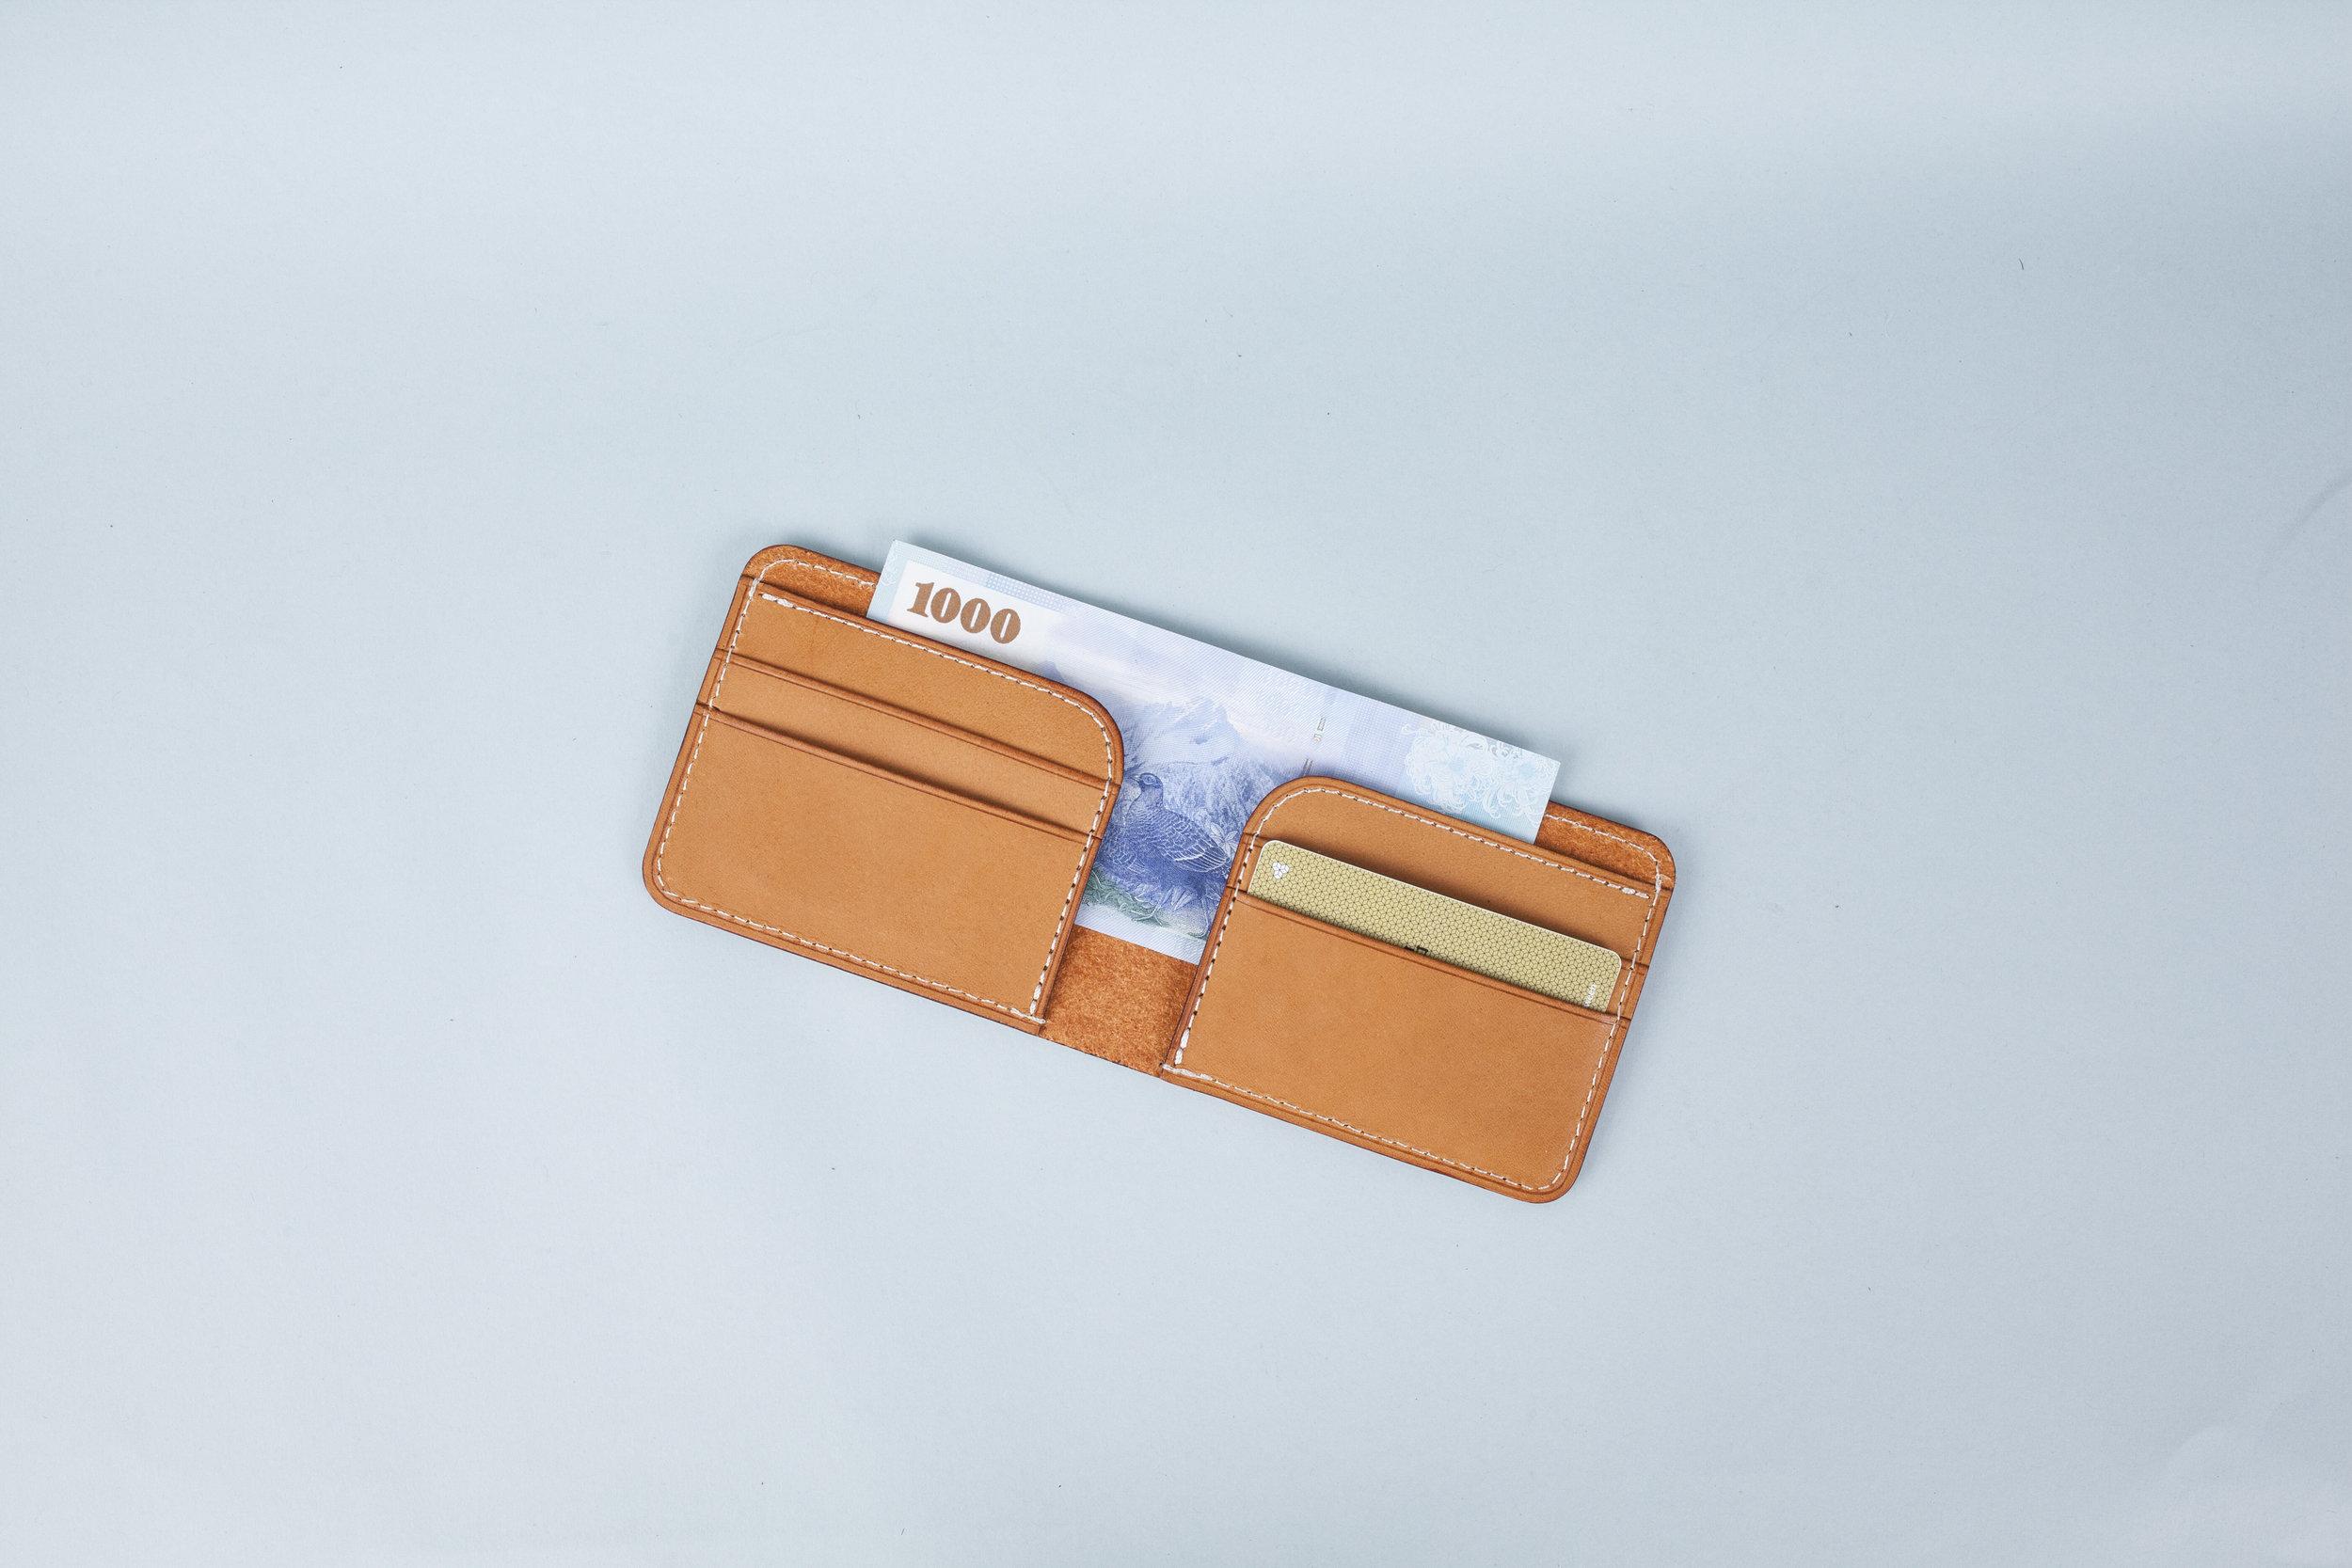 手縫短夾 課程價格:NT $ 2,200 課程所需時間:3.5 hr 尺寸:10.5 x 9 x 2 cm